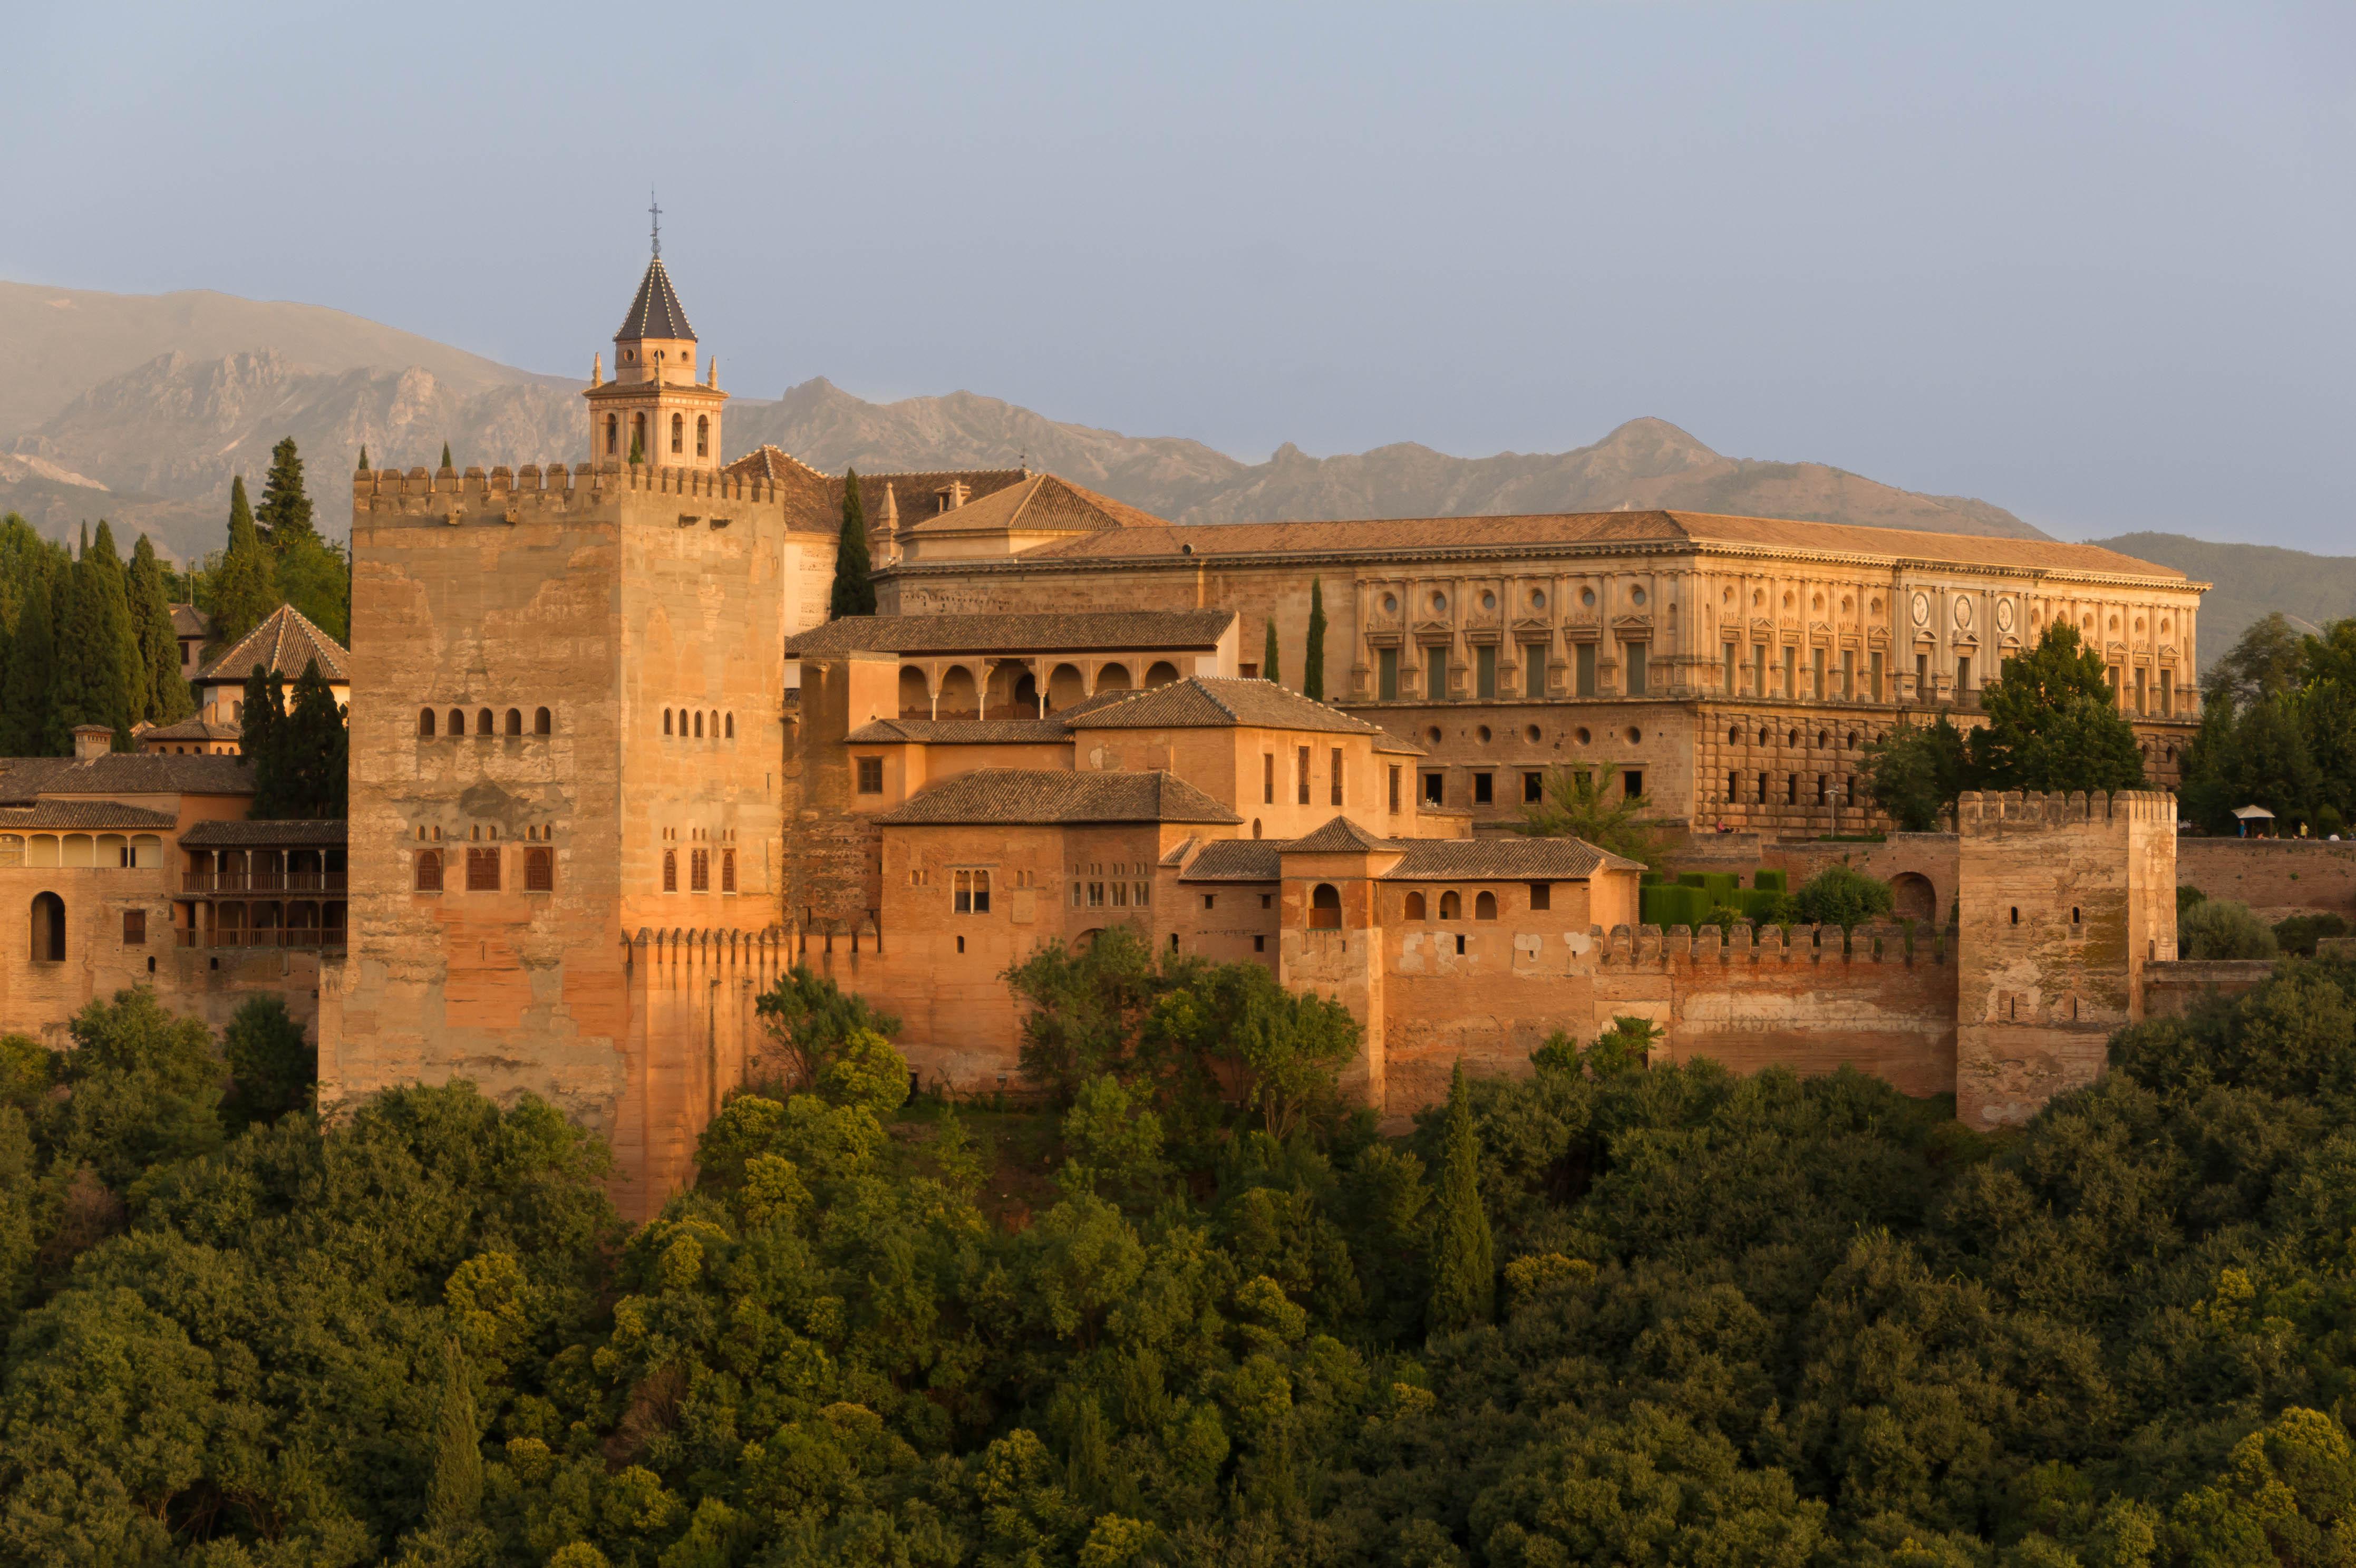 Ką verta nuveikti nuvykus į Ispaniją